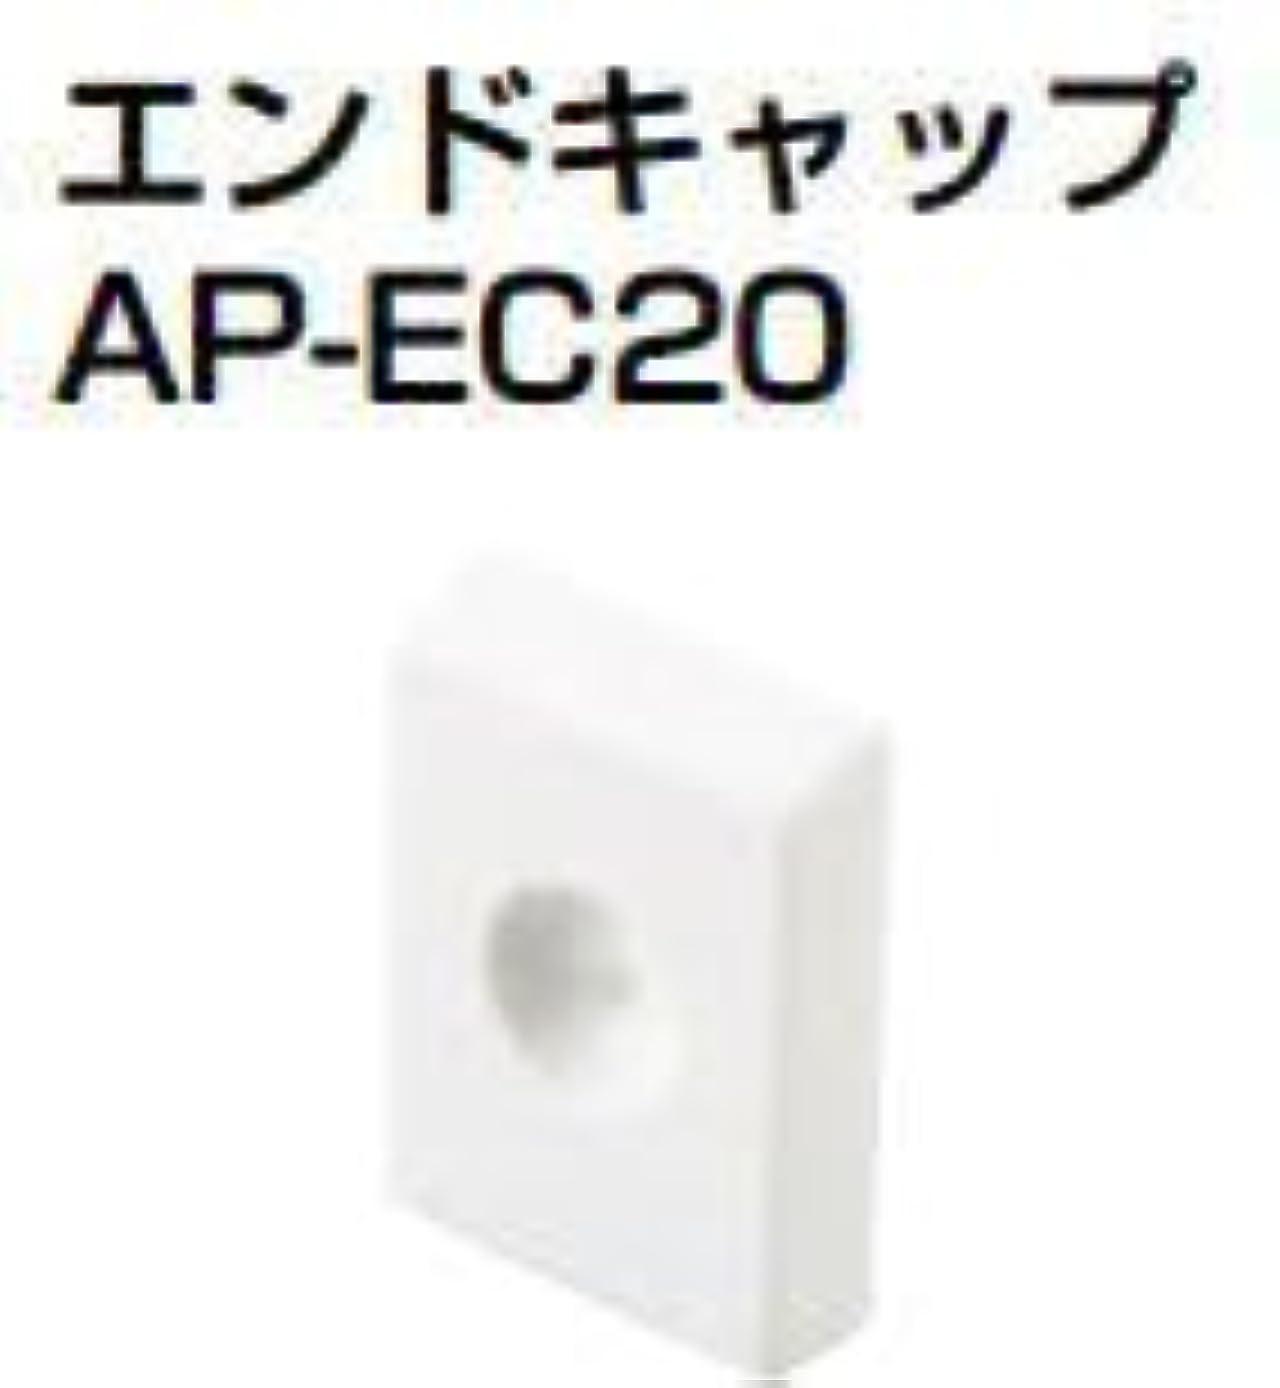 誰。寛解杉田エース ACE (163-525) エンドキャップ AP-EC20